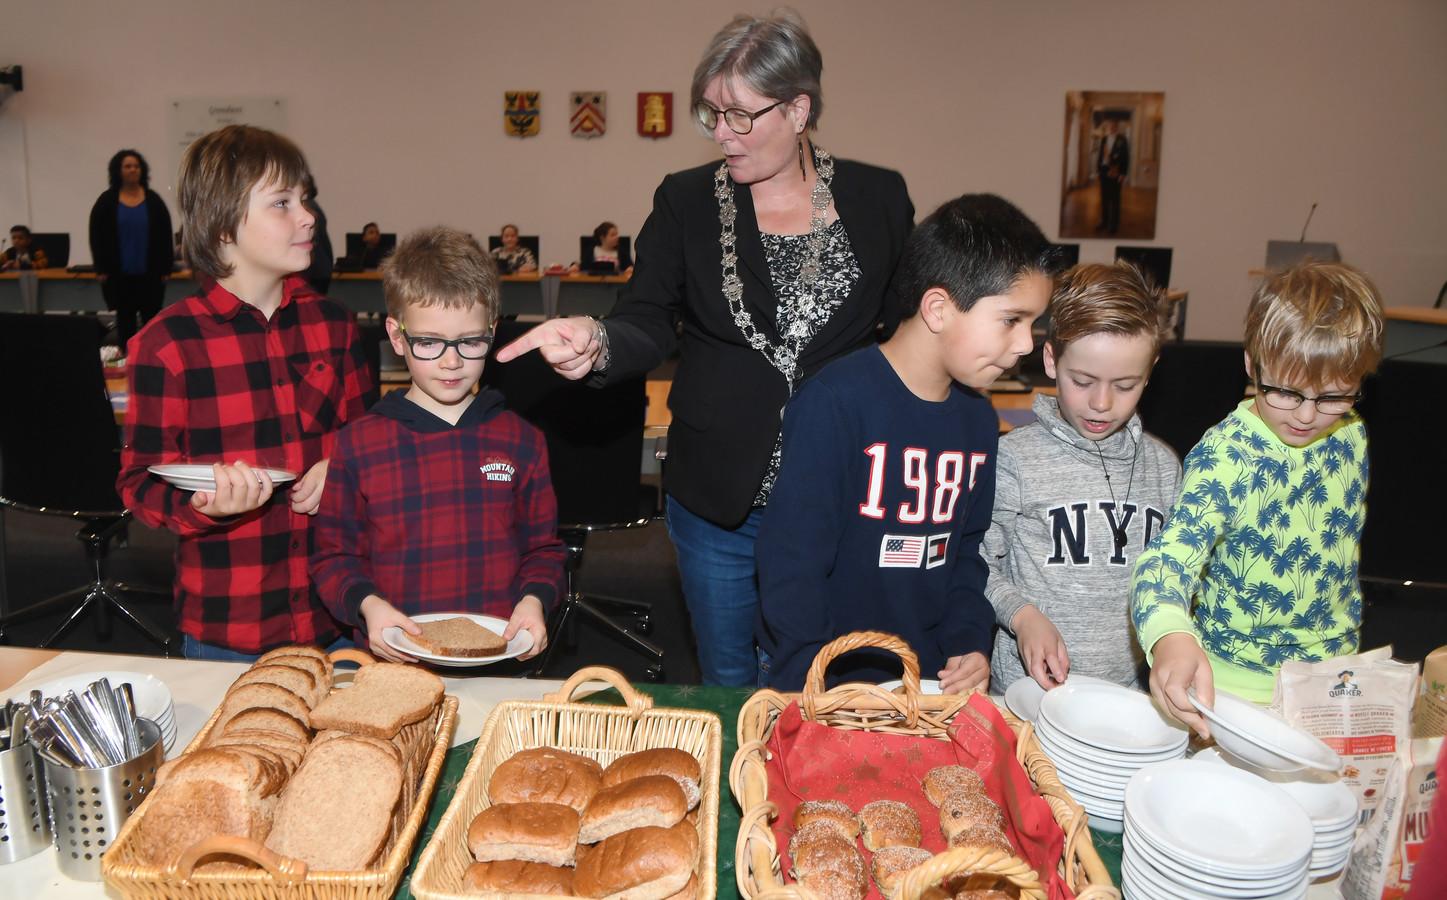 Locoburgemeester Carla Doorn helpt de kinderen van de Cypressenhof met het ontbijt.